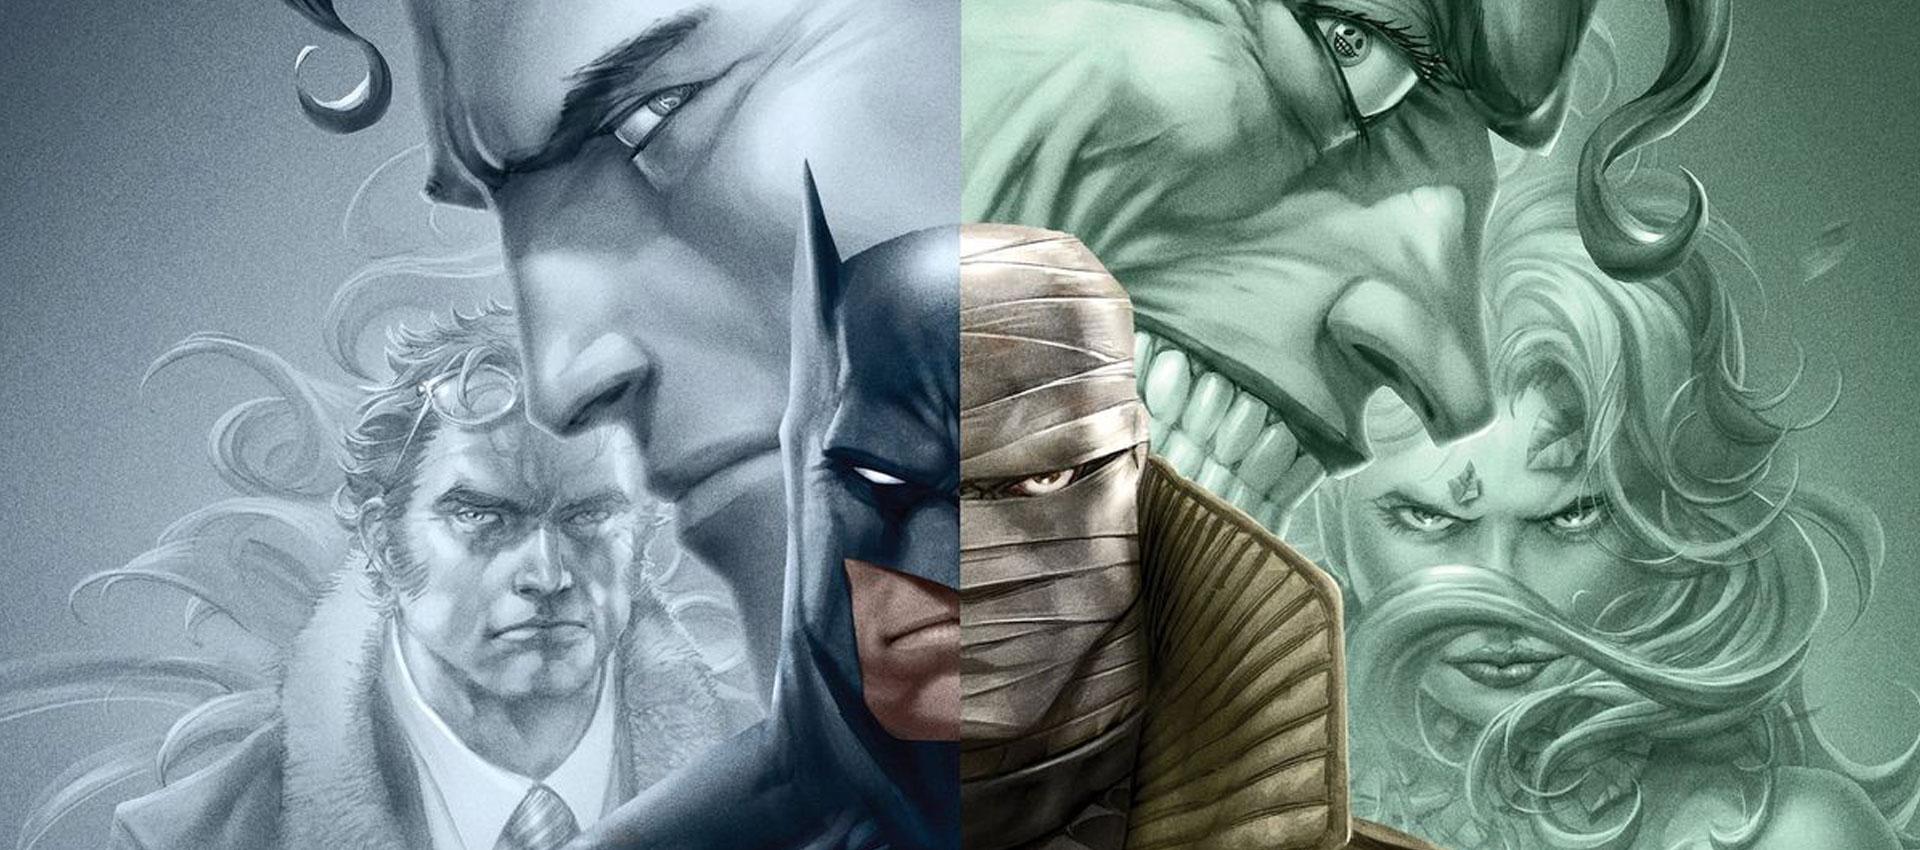 Batman: Hush türkçe izle hd izle